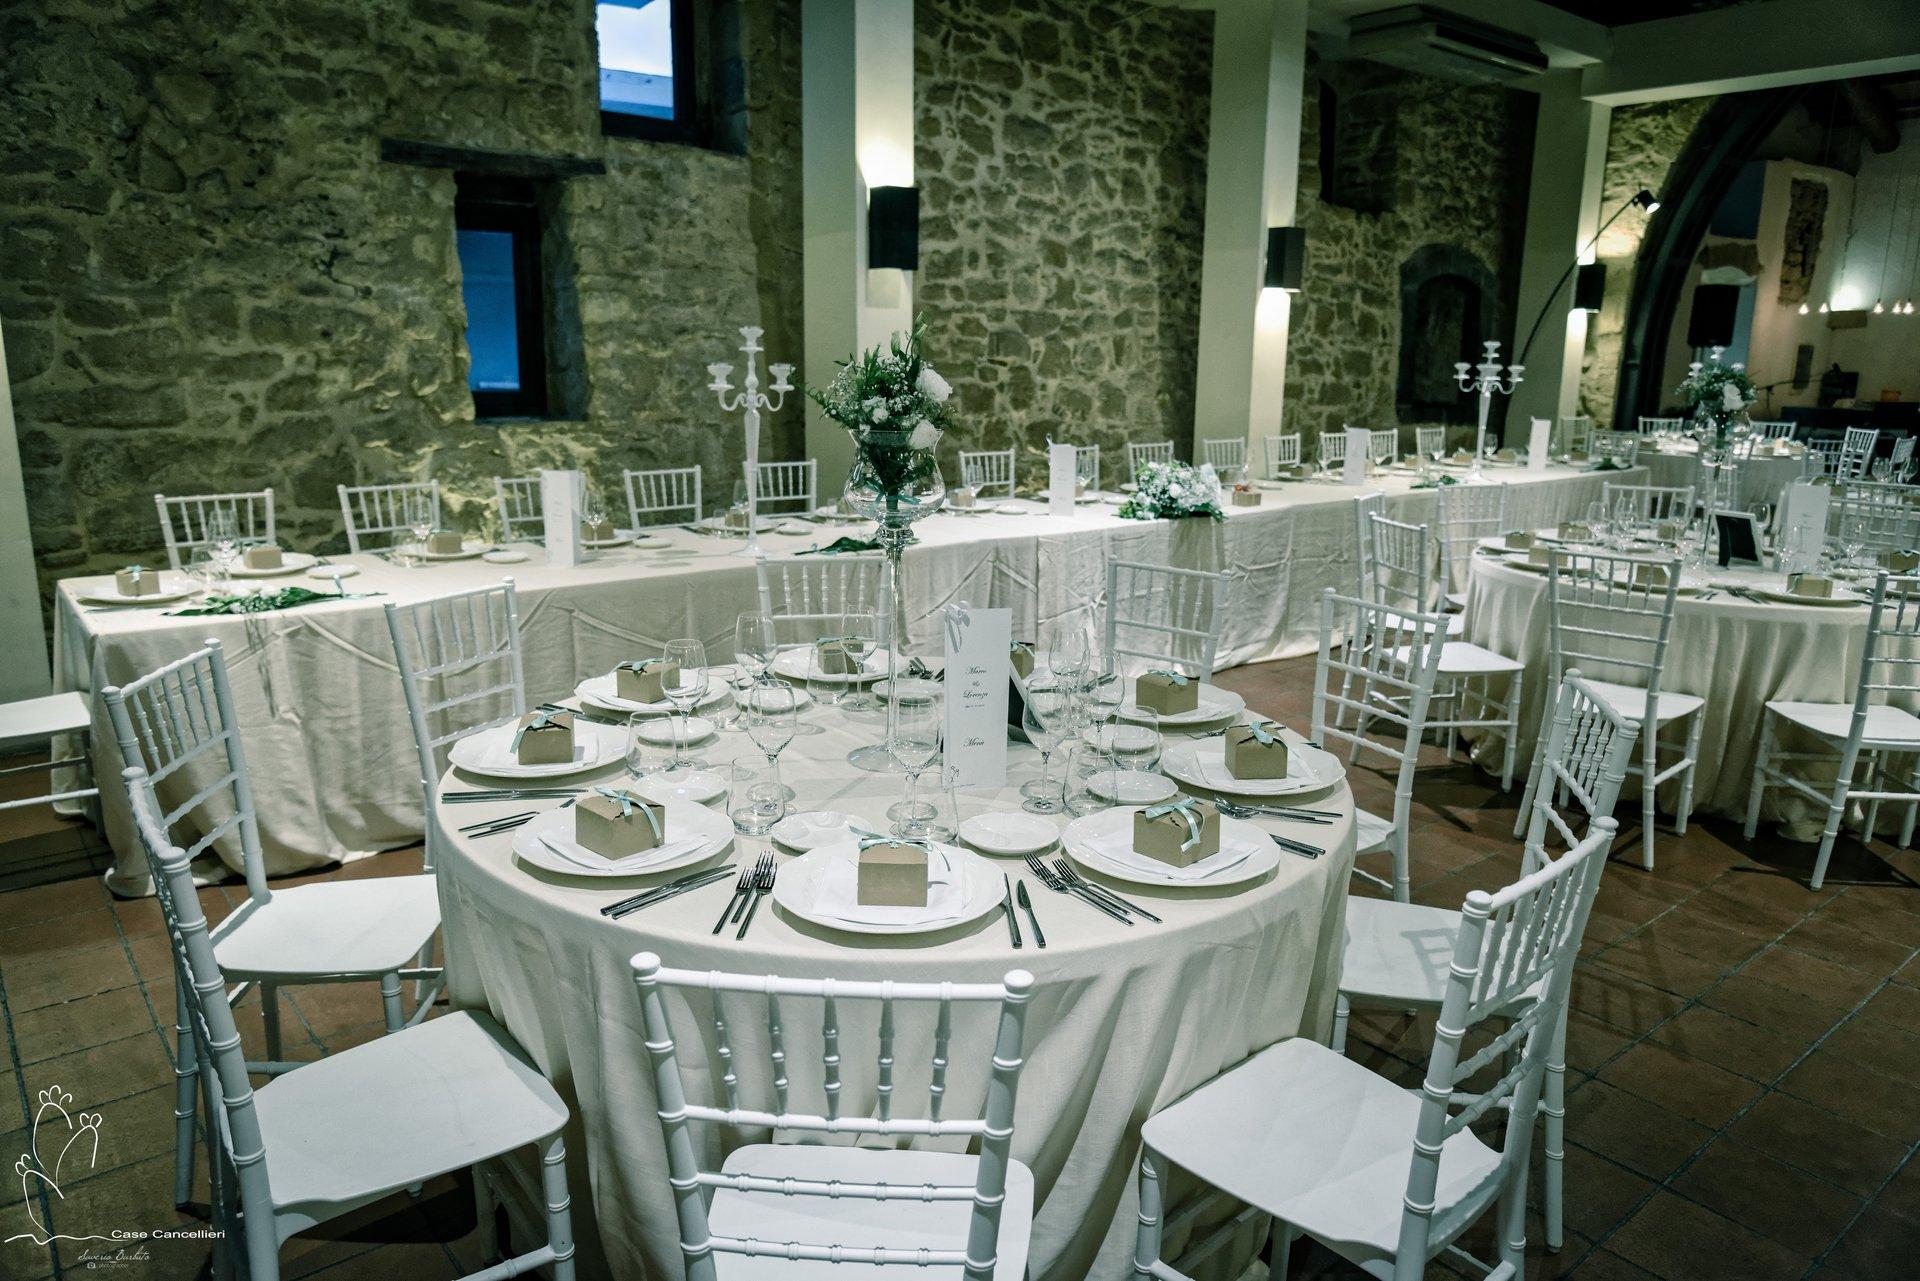 Un tavolo apparecchiato per cerimonia elegante